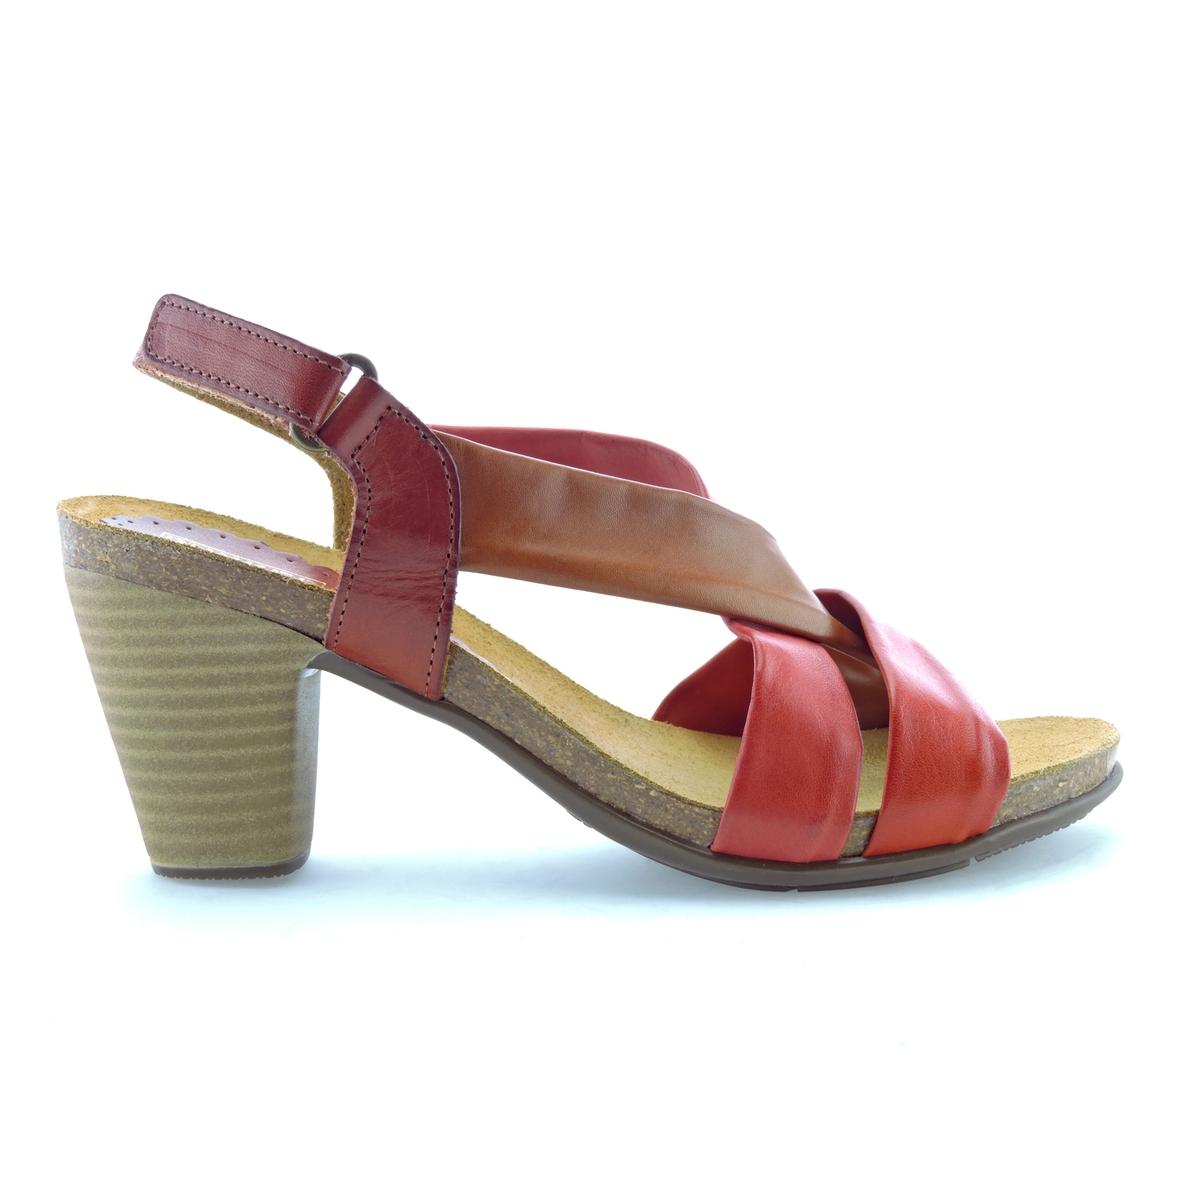 Босоножки кожаные LizВерх : кожа   Стелька : кожа   Подошва : эластомер   Высота каблука : 8 см   Форма каблука : квадратный каблук   Мысок : открытый мысок   Застежка : пряжка<br><br>Цвет: темно-бежевый<br>Размер: 38